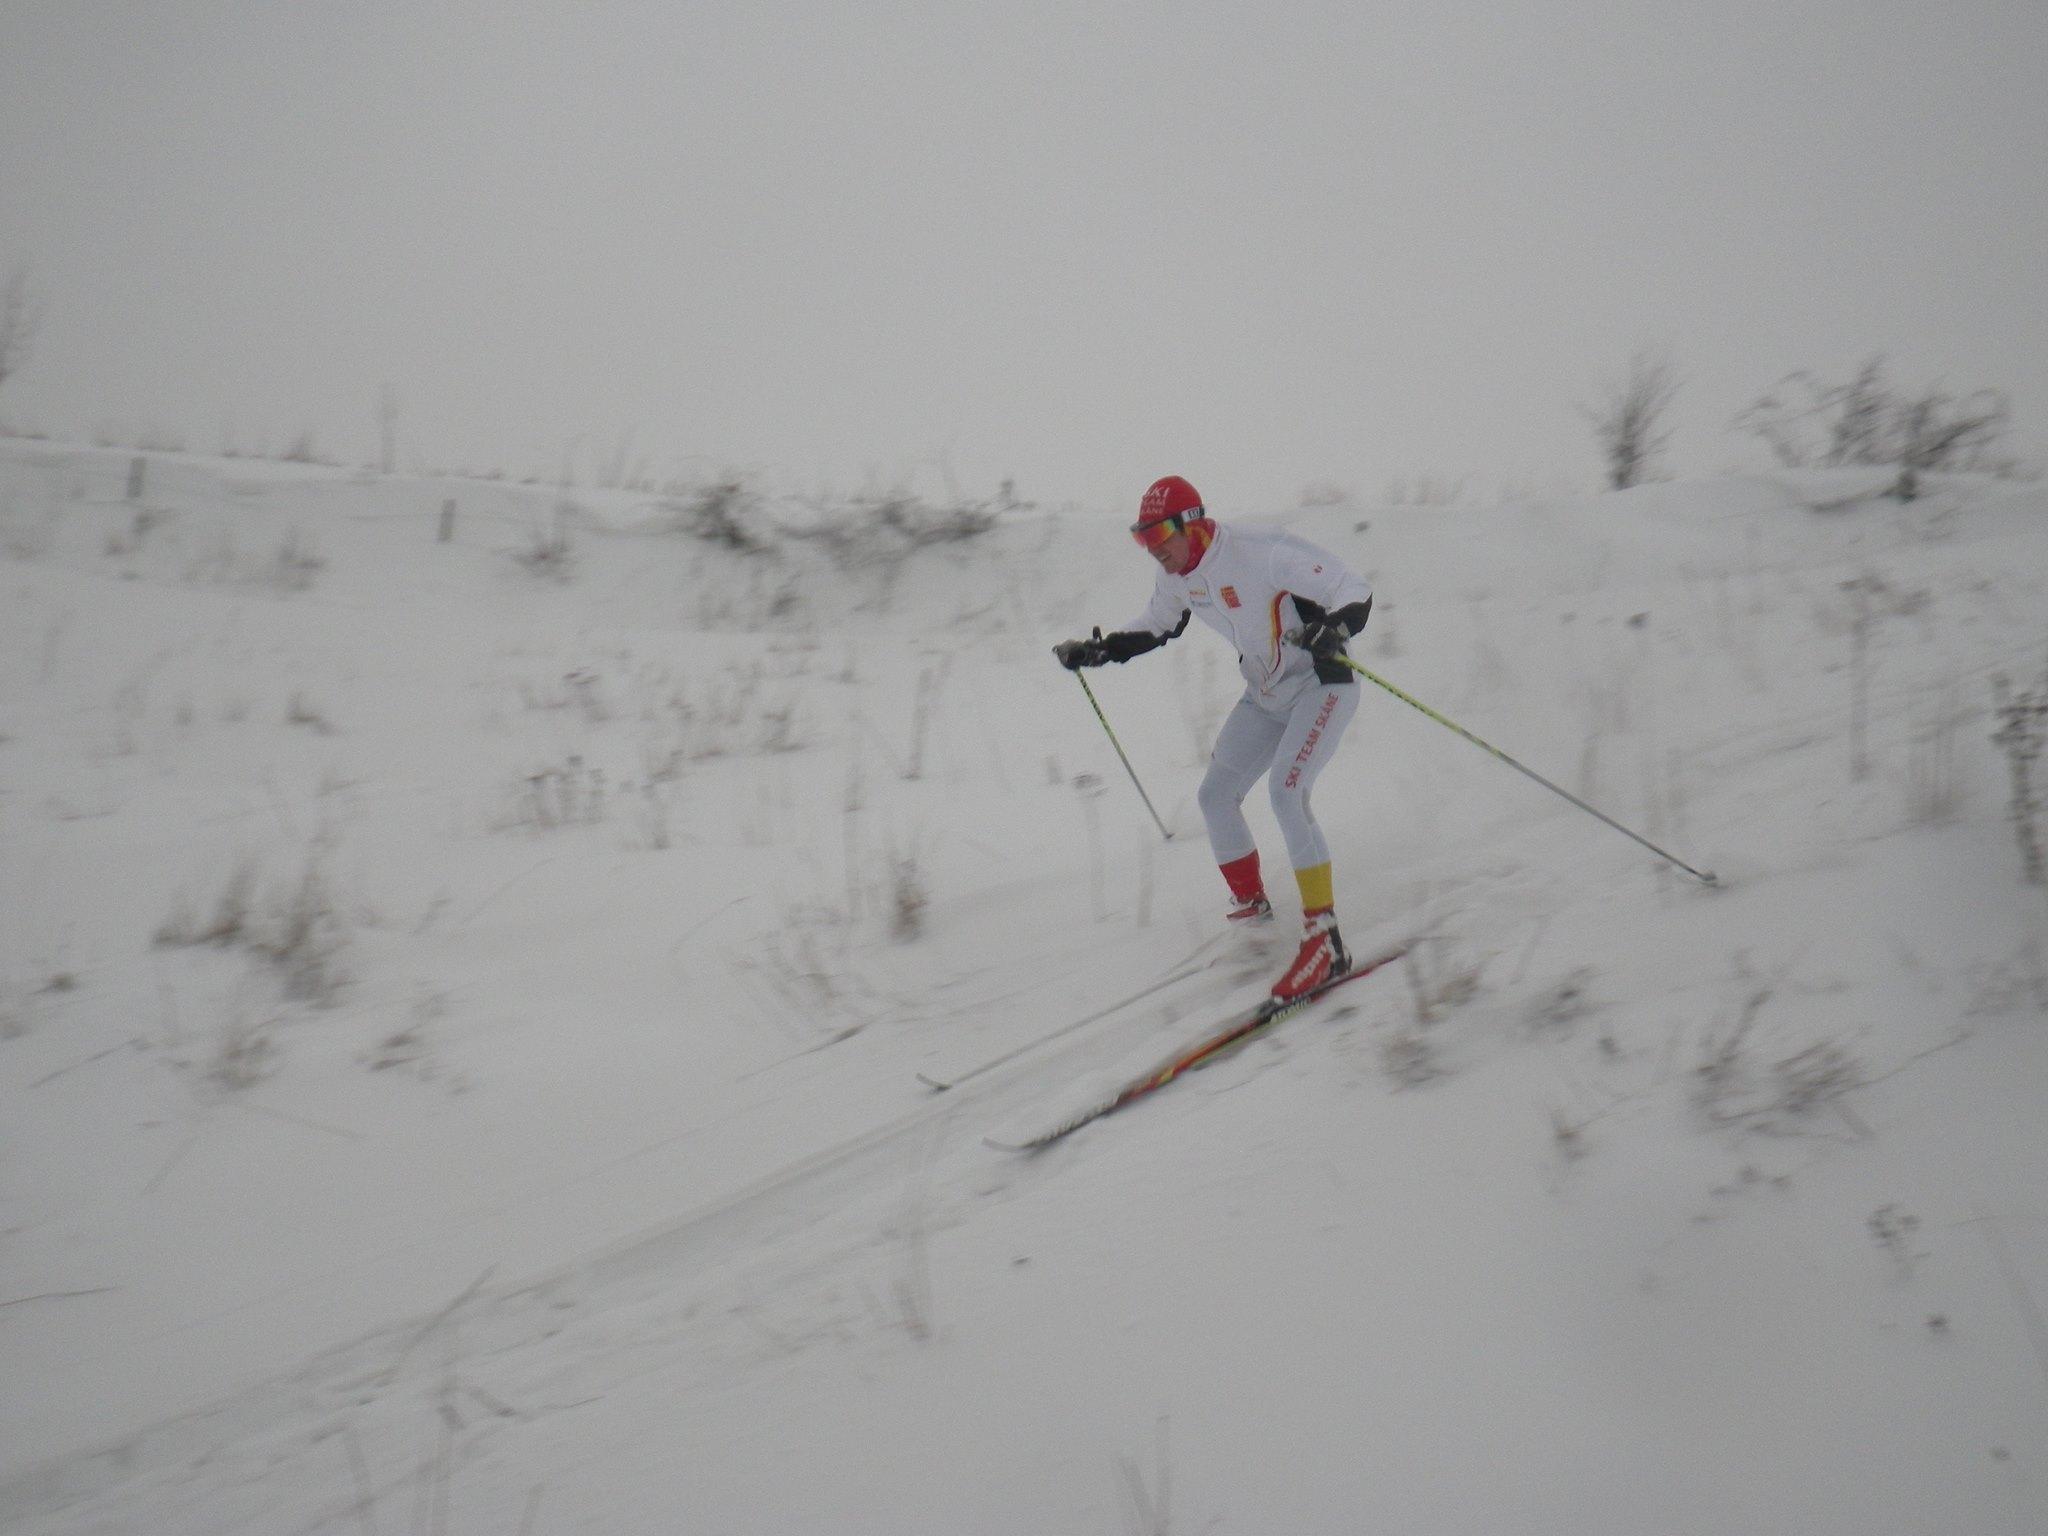 Här skulle nog inte många åka nerför ens på slalomskidor. Foto: Oskar Henriksson